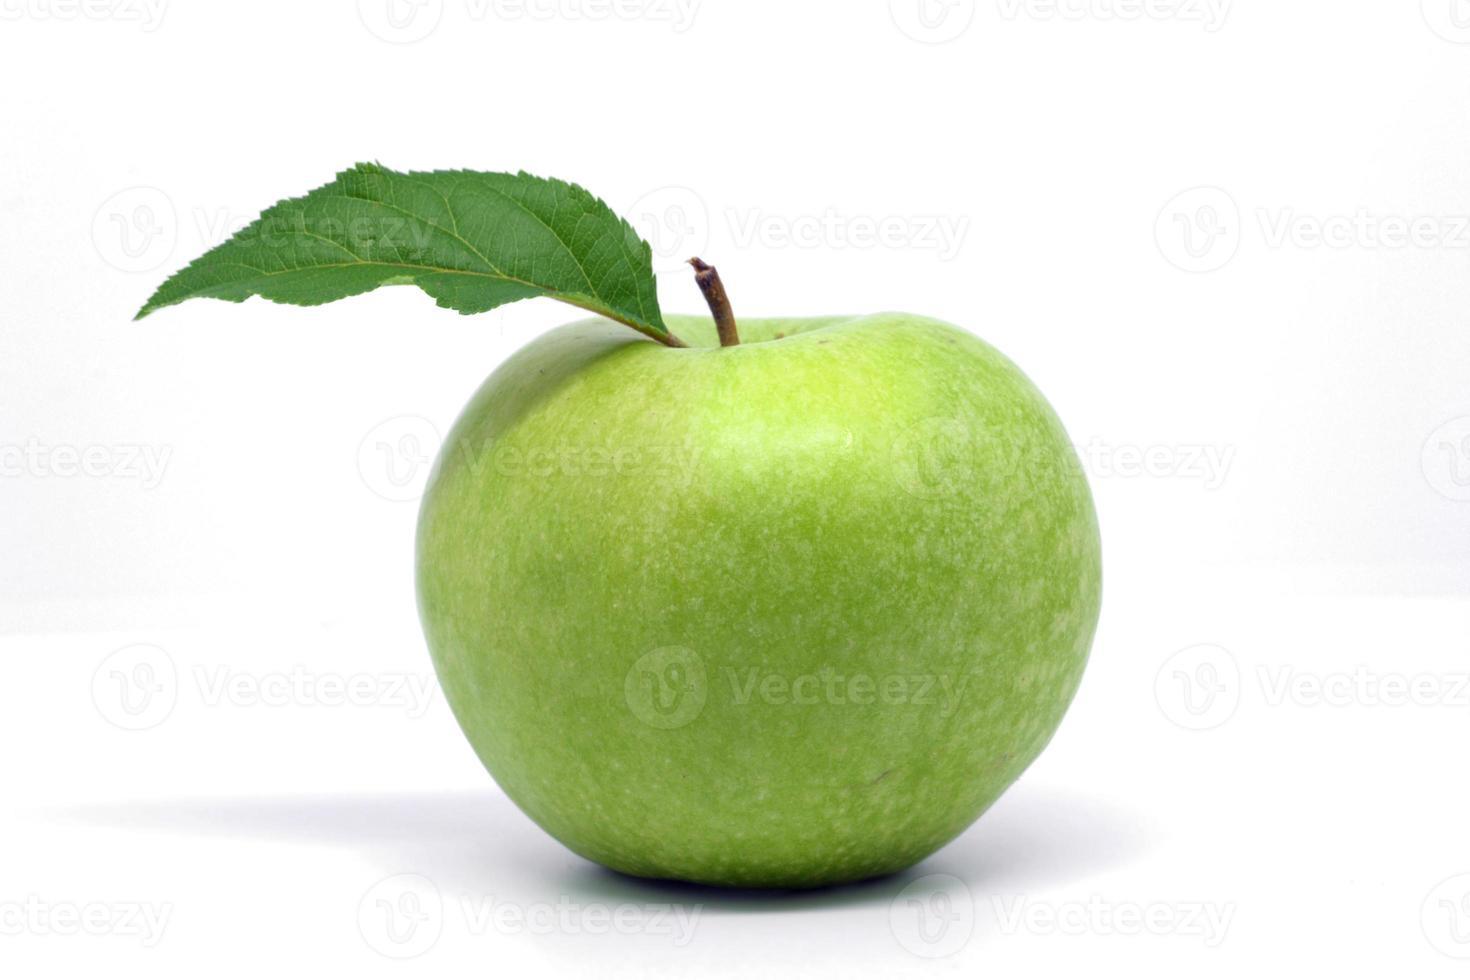 grüner Apfel isoliert auf weißem Hintergrund. Granny Smith. foto